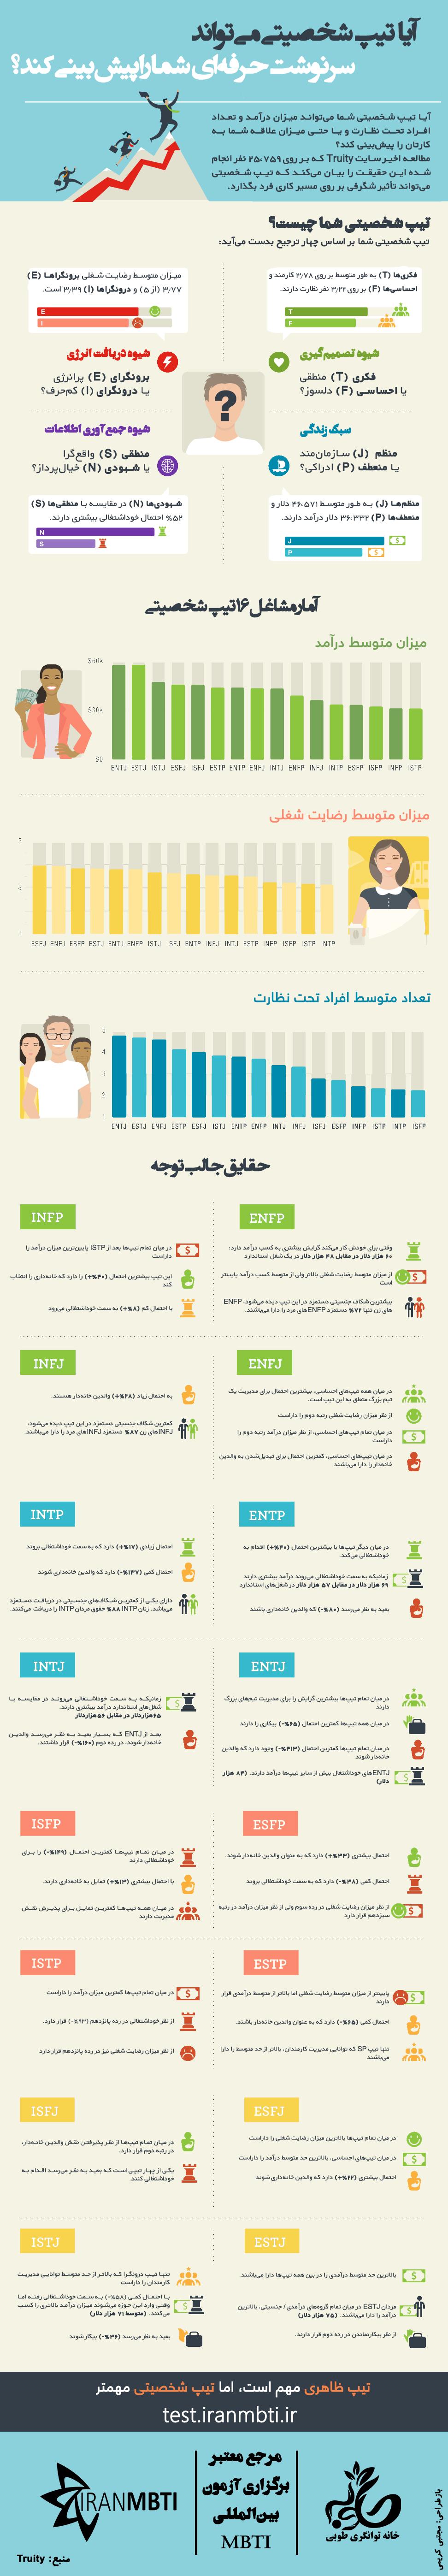 Personality-Predicts---Truity--Farsi